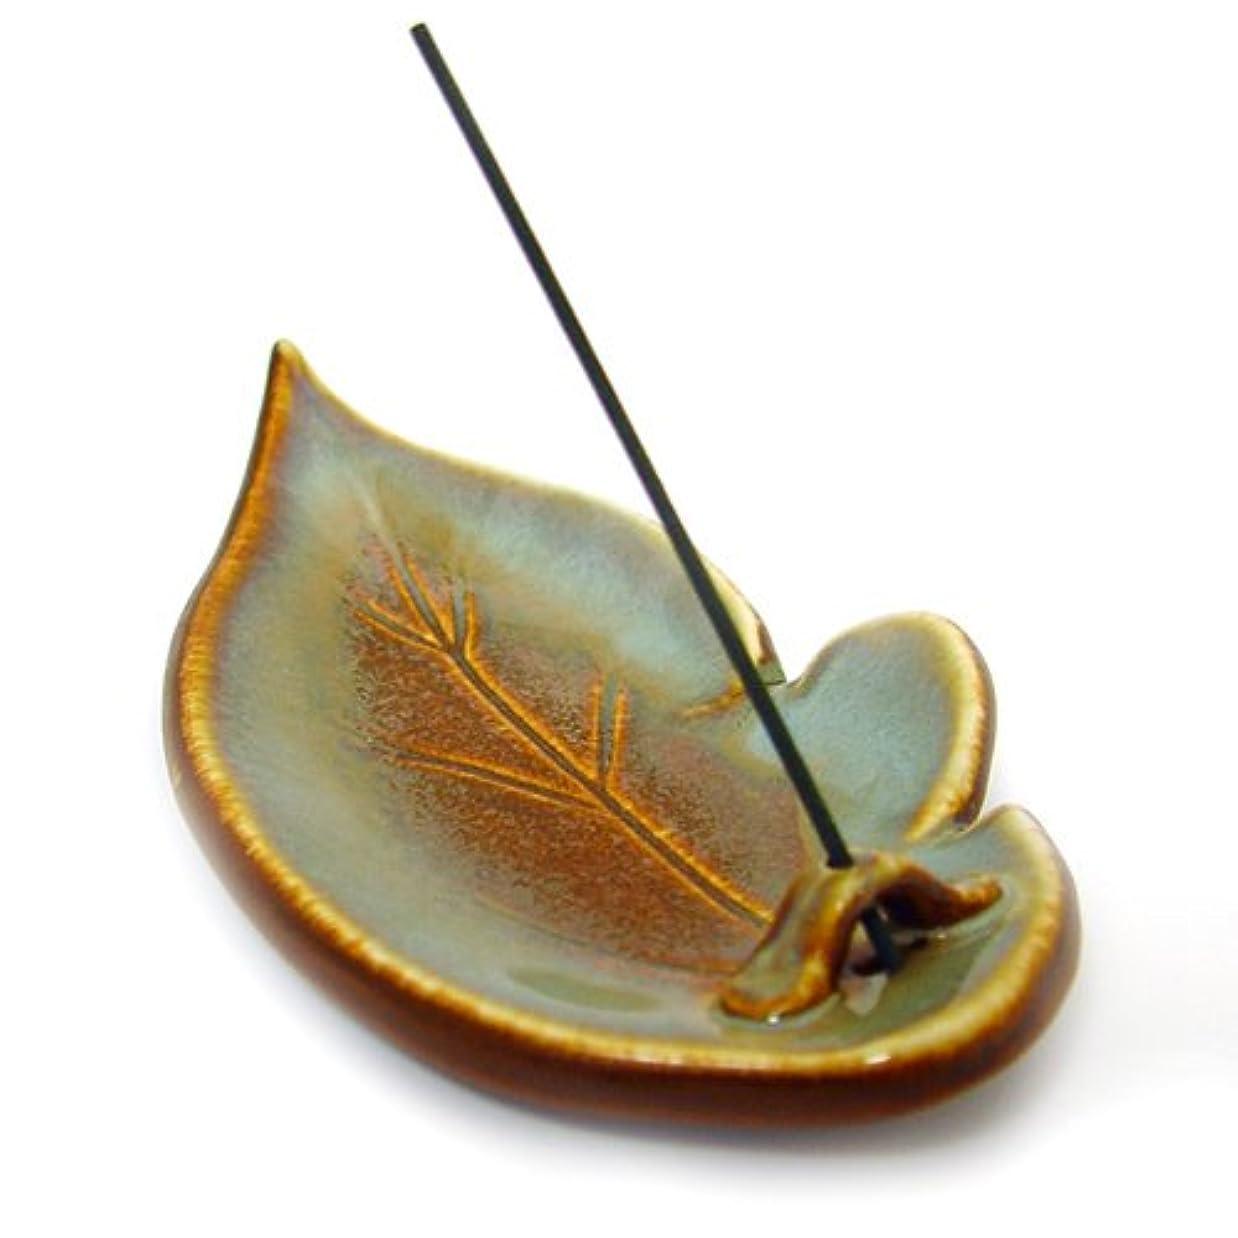 未接続育成広がりShoyeido's Desert Sage Ceramic Leaf Incense Holder by SHOYEIDO [並行輸入品]